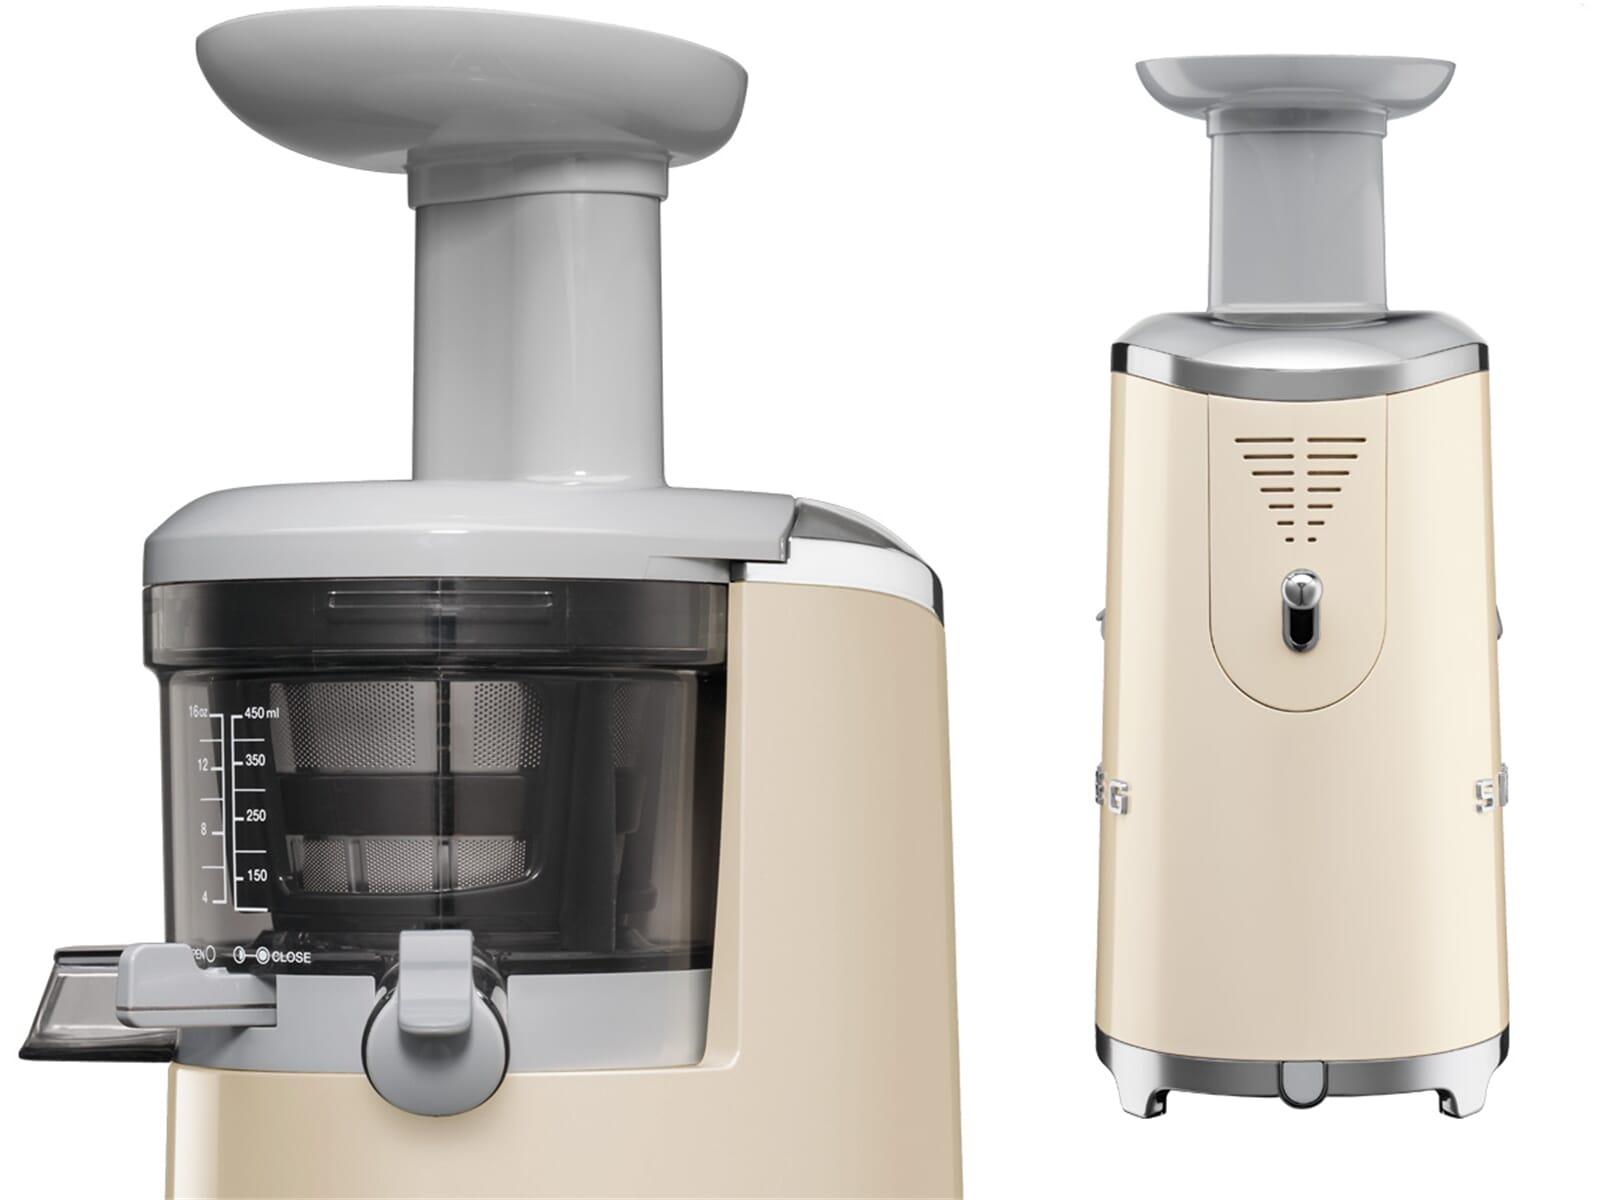 Smeg Kühlschrank Saturn : Kühlschrank side by side ohne festwasseranschluss hickman